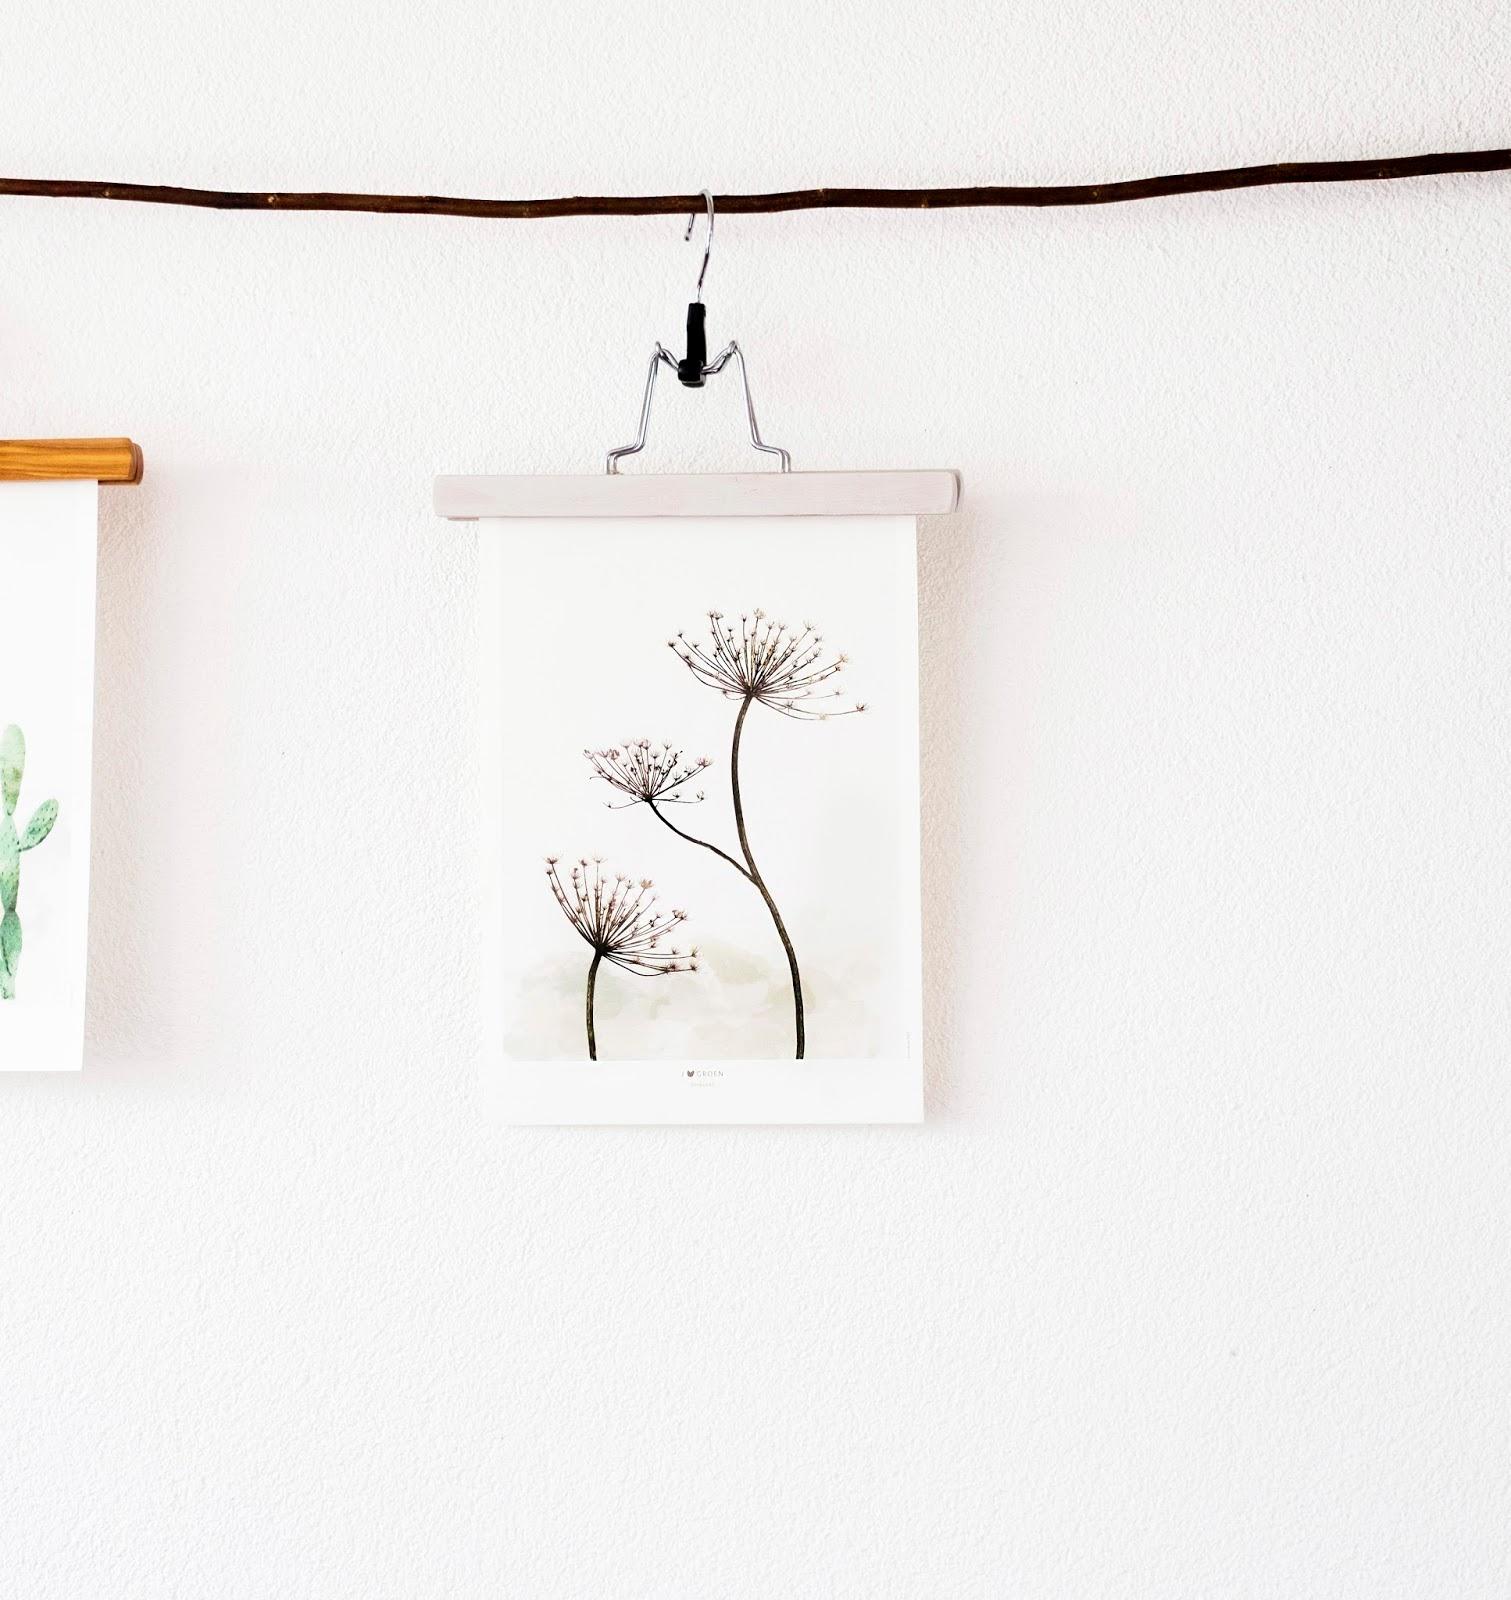 Met een kledinghanger voor een broek kun je hele mooie posters ophangen.